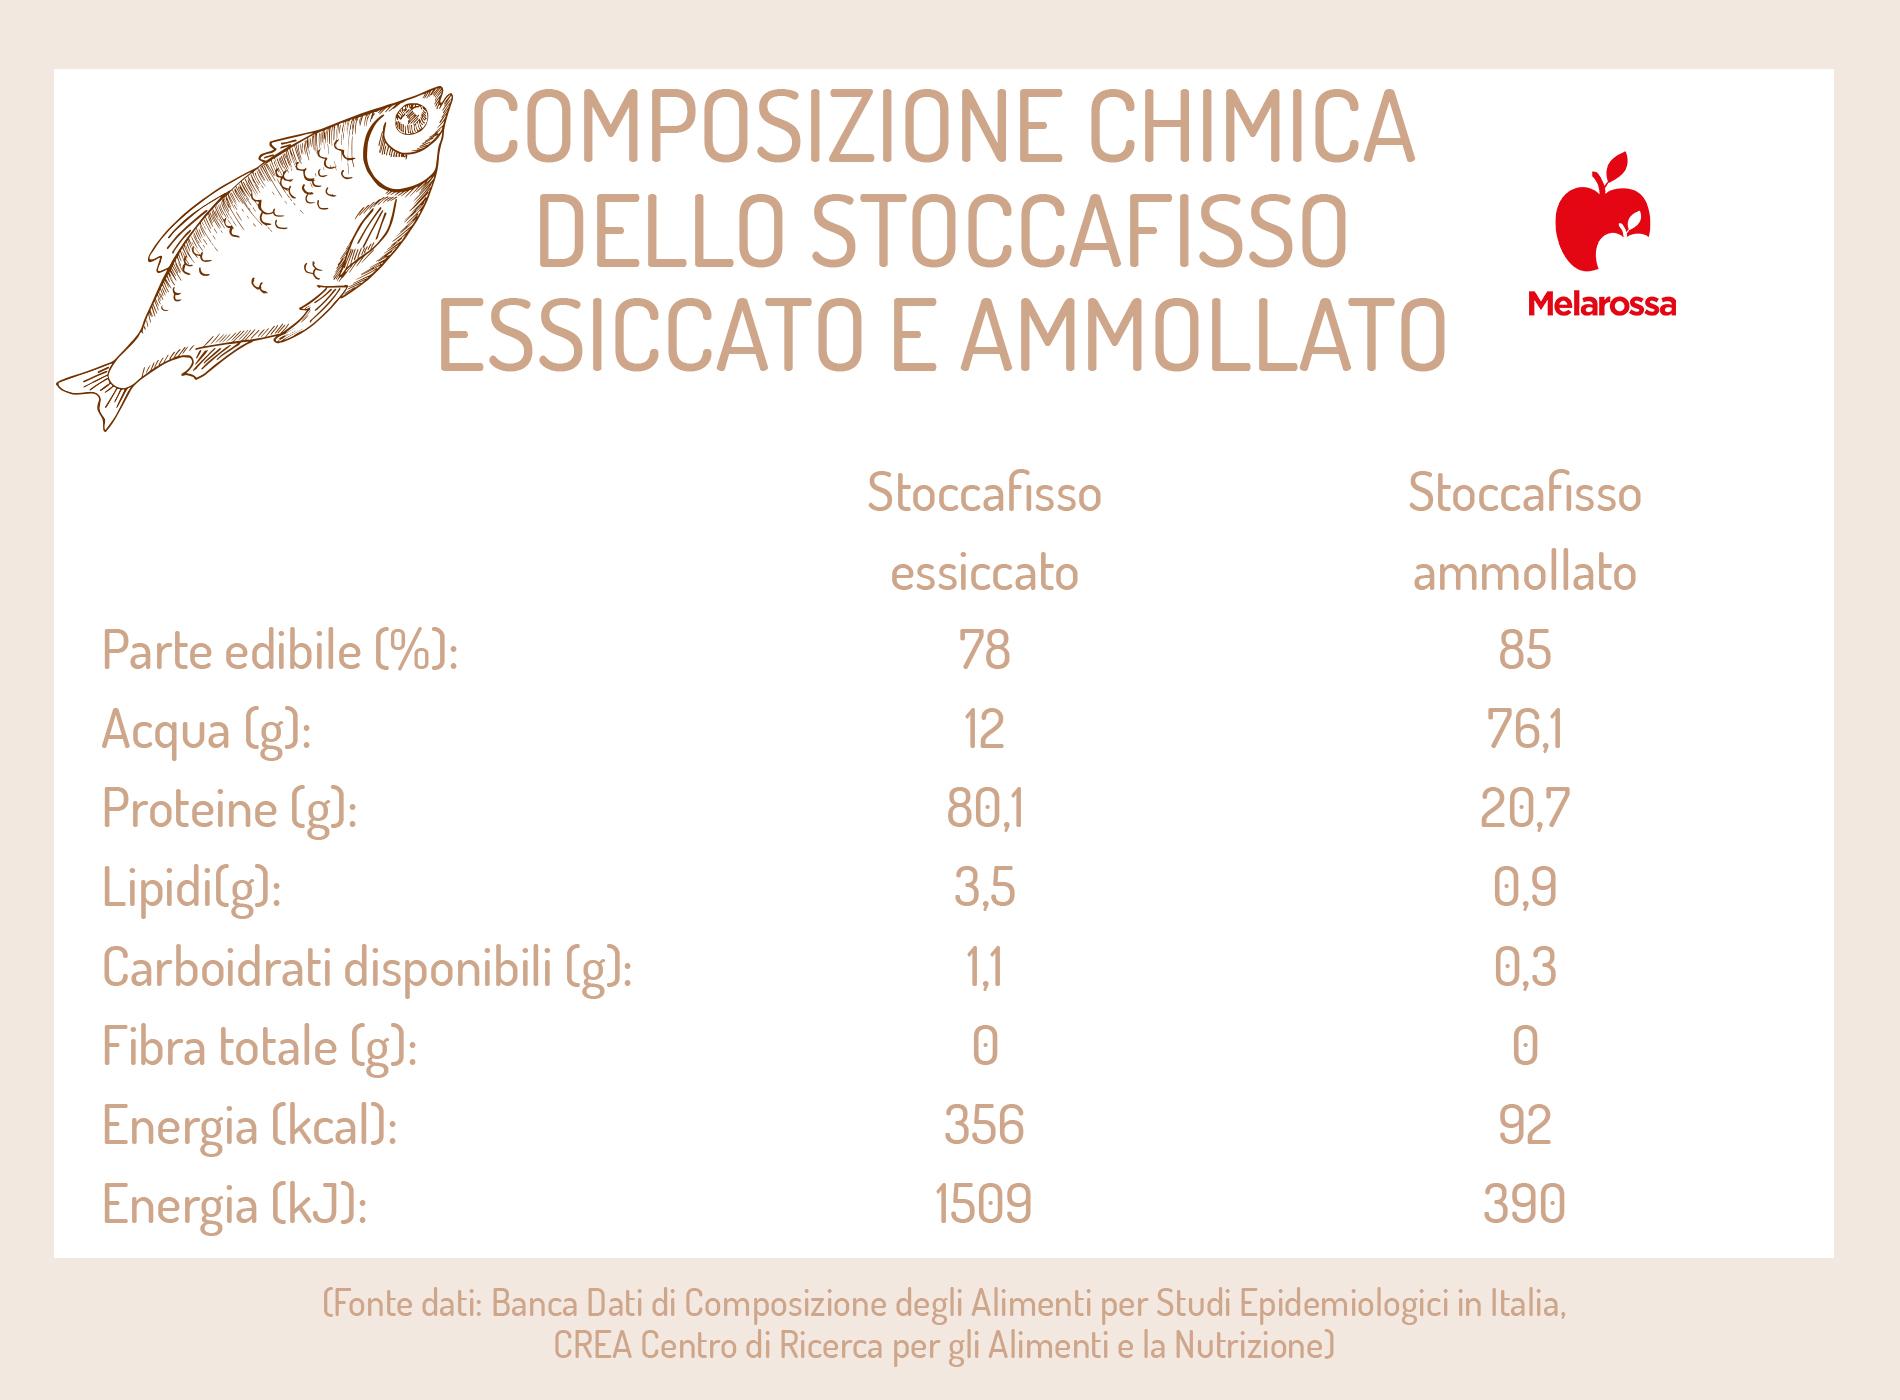 stoccafisso ammollato e essiccato: le differenze nutrizionali